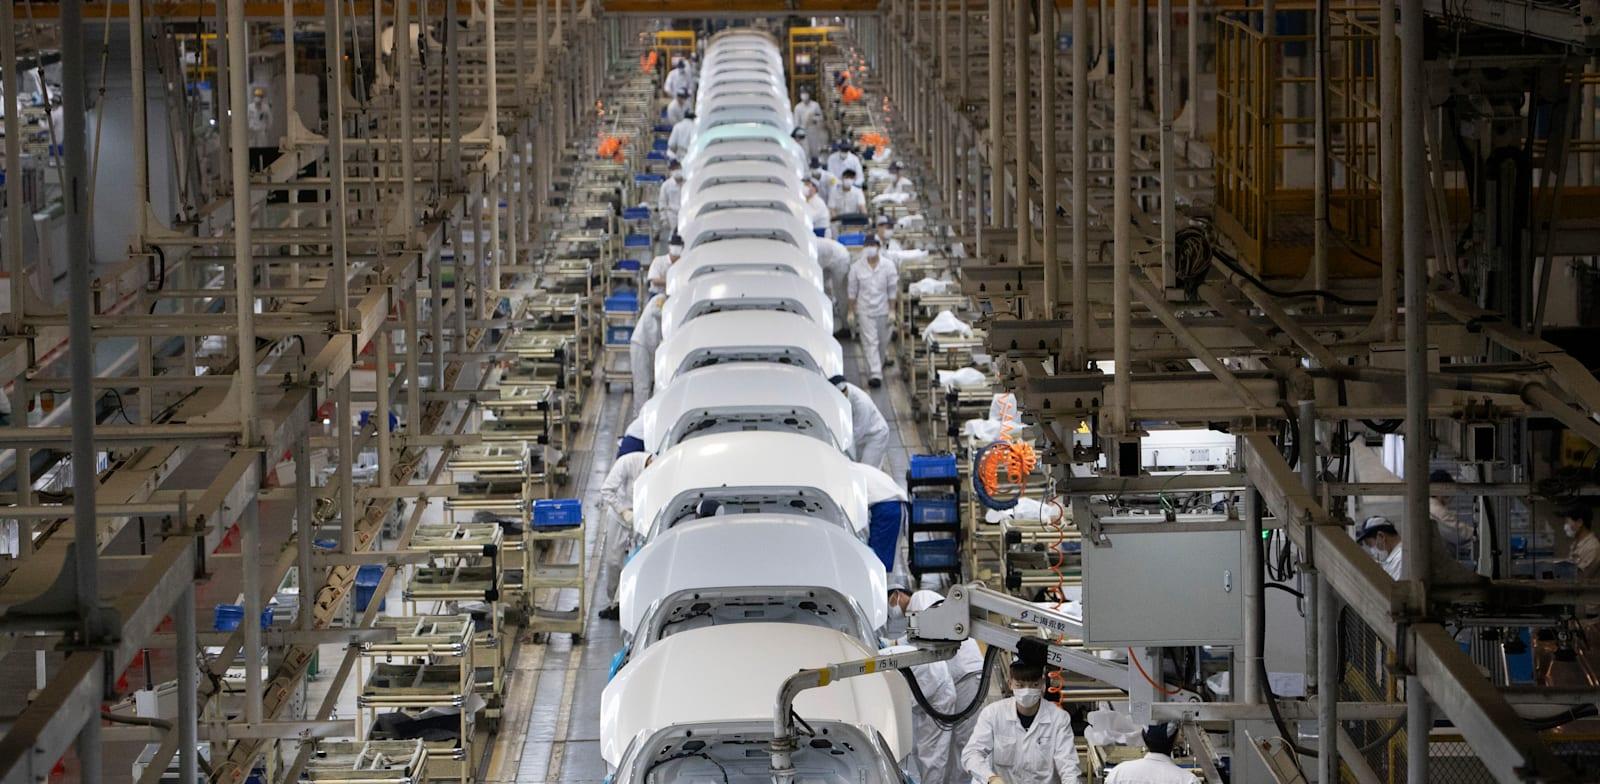 מפעל מכוניות בסין / צילום: Associated Press, Ng Han Guan